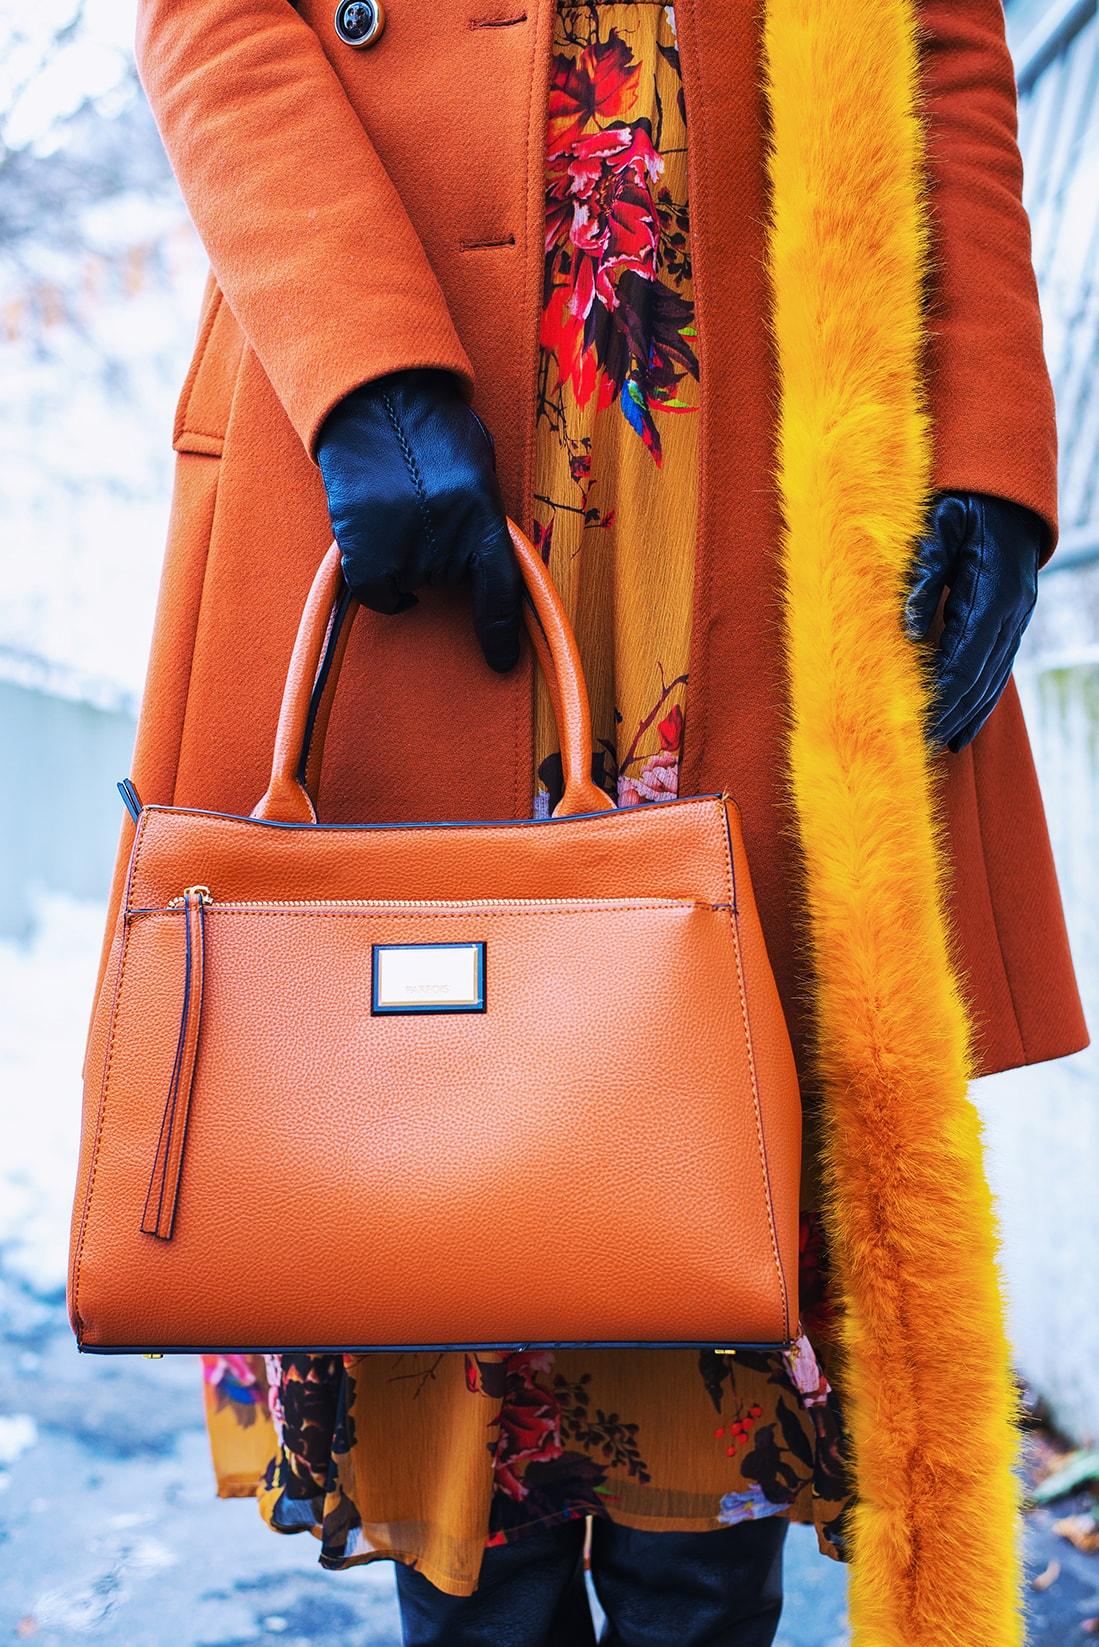 NEUVERÍTE, VĎAKA KTORÉMU KÚSKU DOKÁŽETE BYŤ ŽENSKEJŠIA_Katharine-fashion is beautiful_blog 13_Šifónové kvetované šaty_Katarína Jakubčová_Fashion blogerka